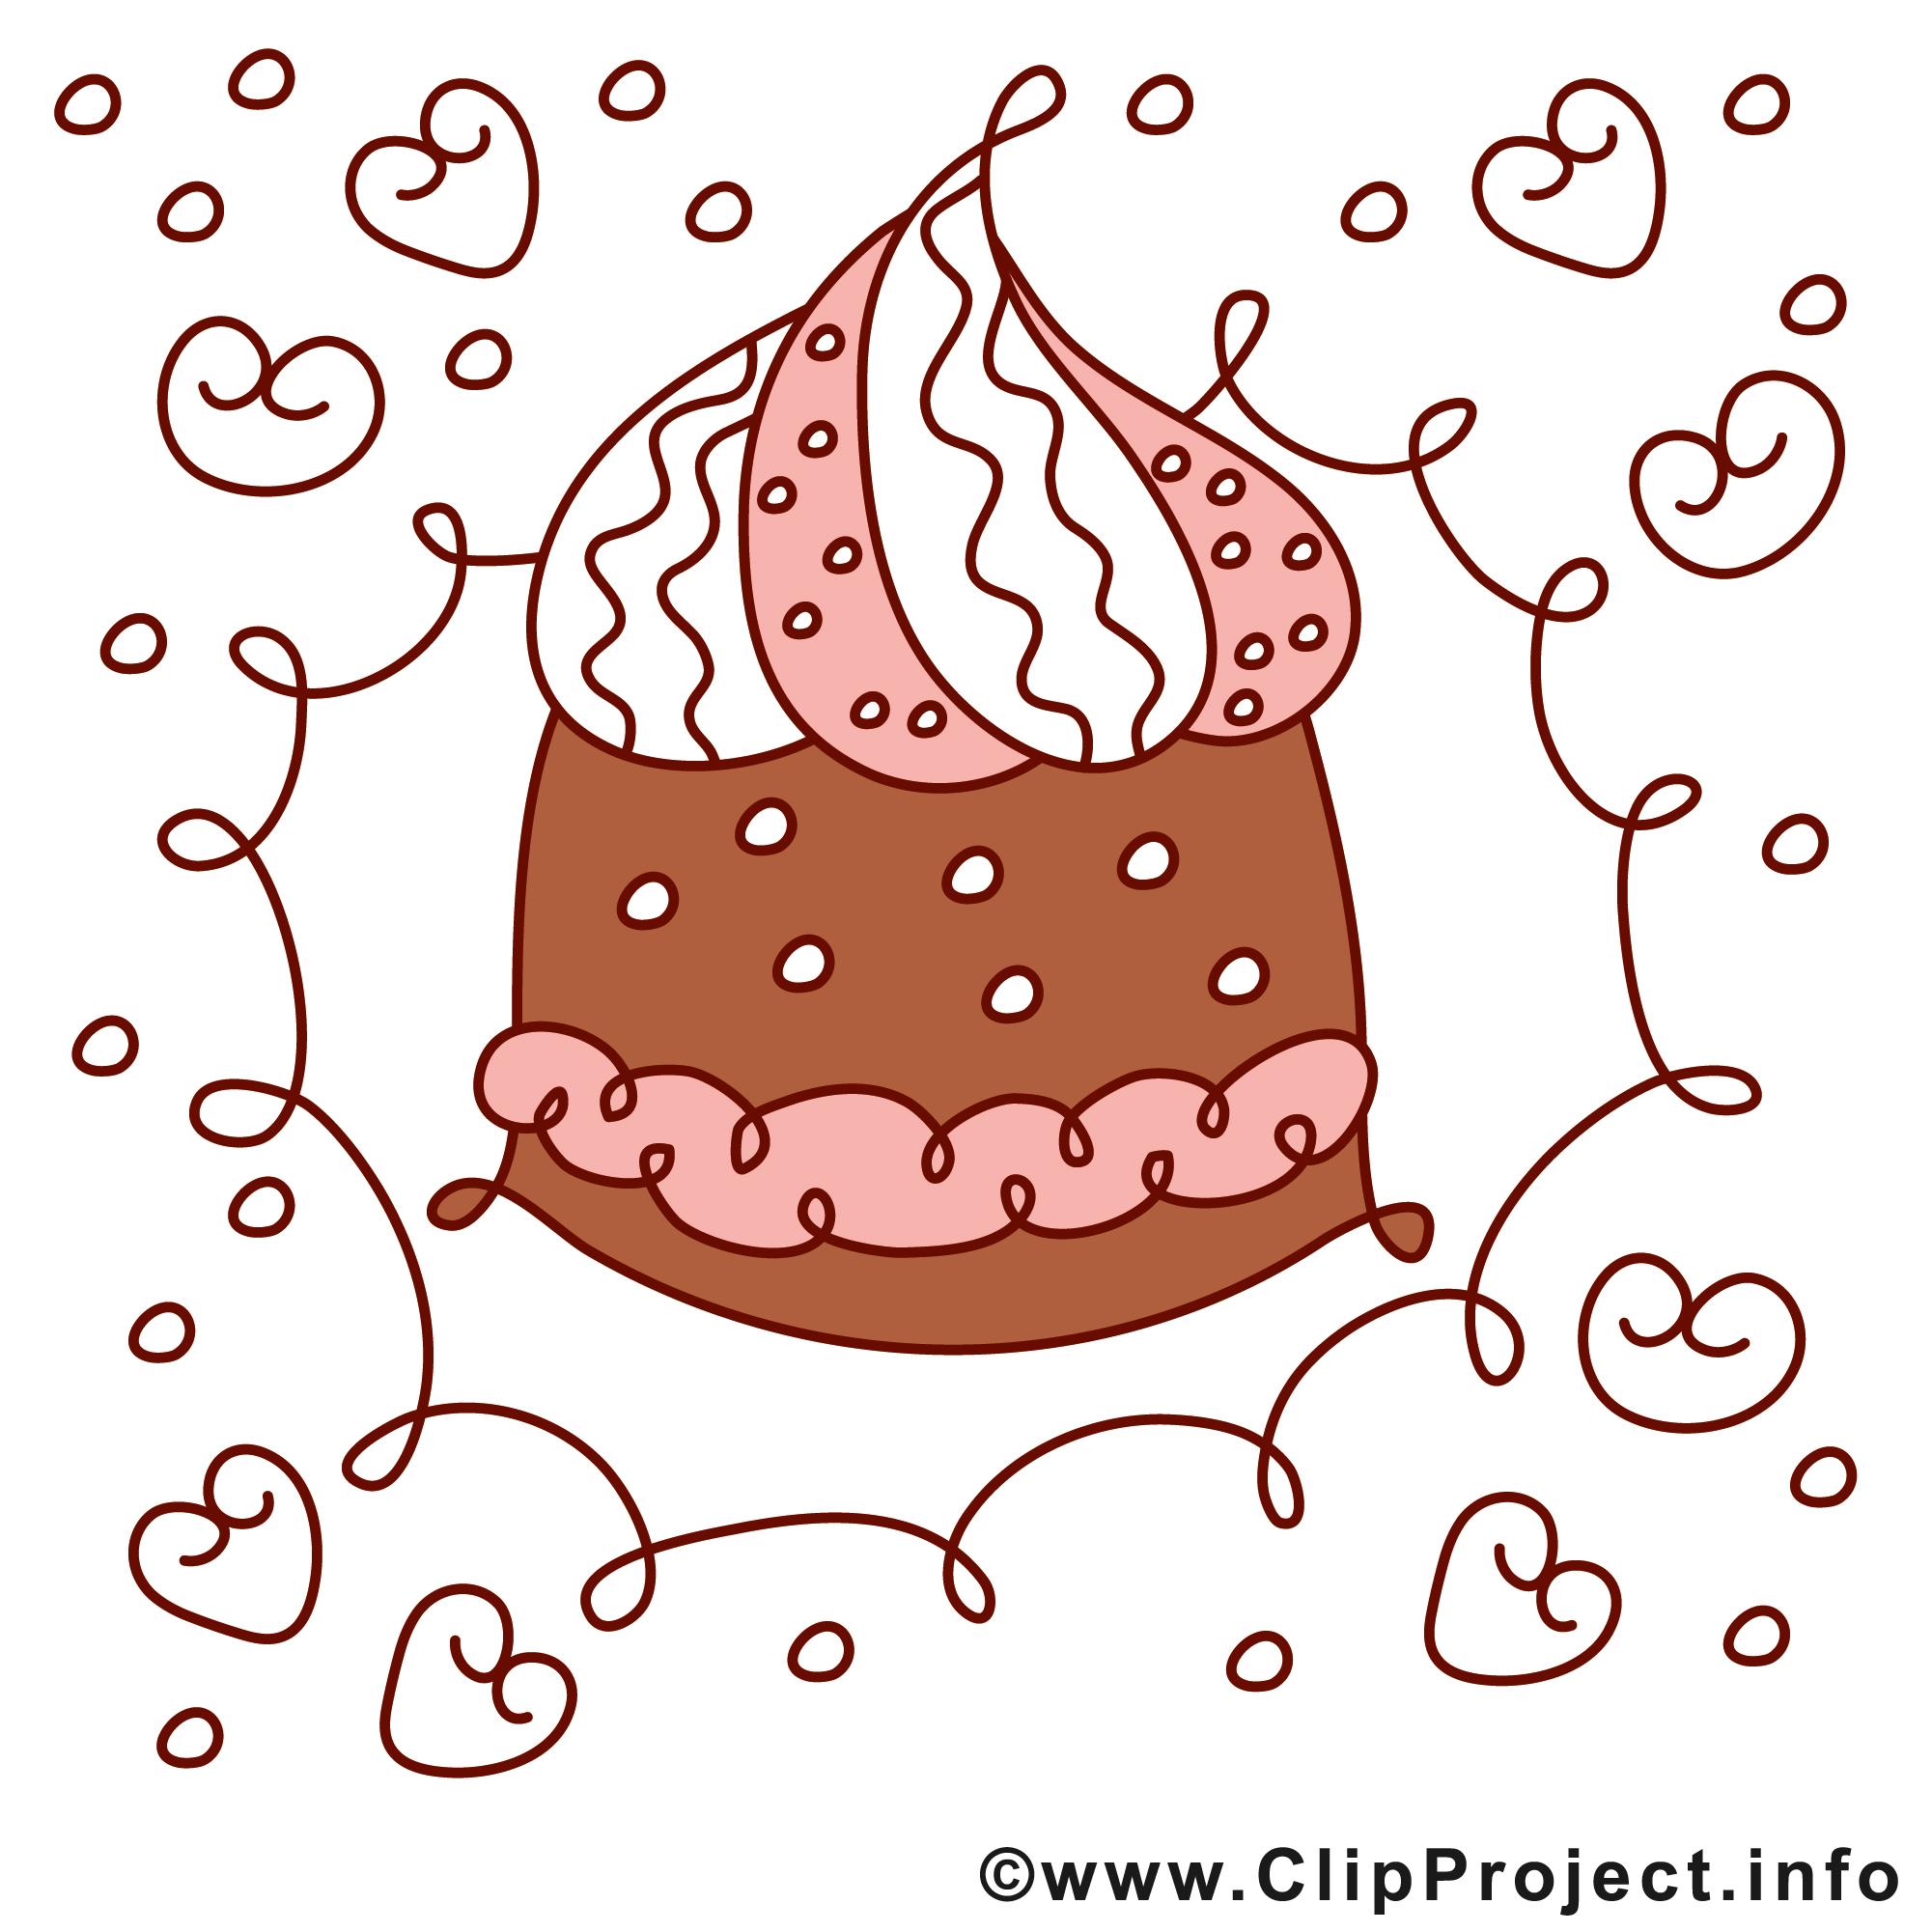 Geburtstag torte clipart image download Torte zum Geburtstag Bild Clip Art image download